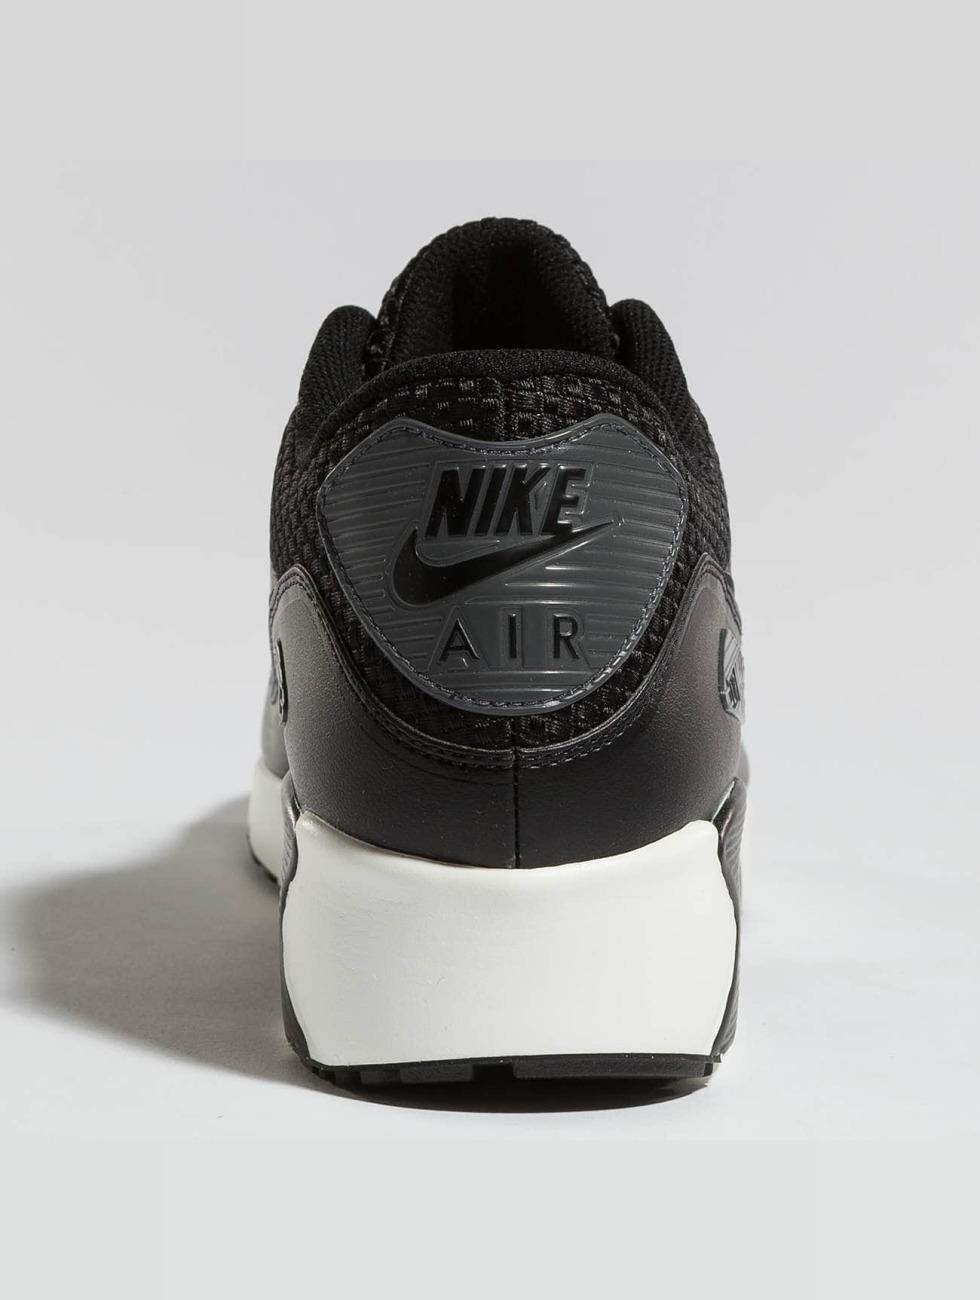 Goedkope Prijs Nep Nike schoen / sneaker Air Max 90 Ultra 2.0 SE in zwart 442368 beperkt Winkelen Online Outlet Verkoop Outlet Factory Outlet Betalen Met Paypal Goedkoop Online GDqkTLxvhz